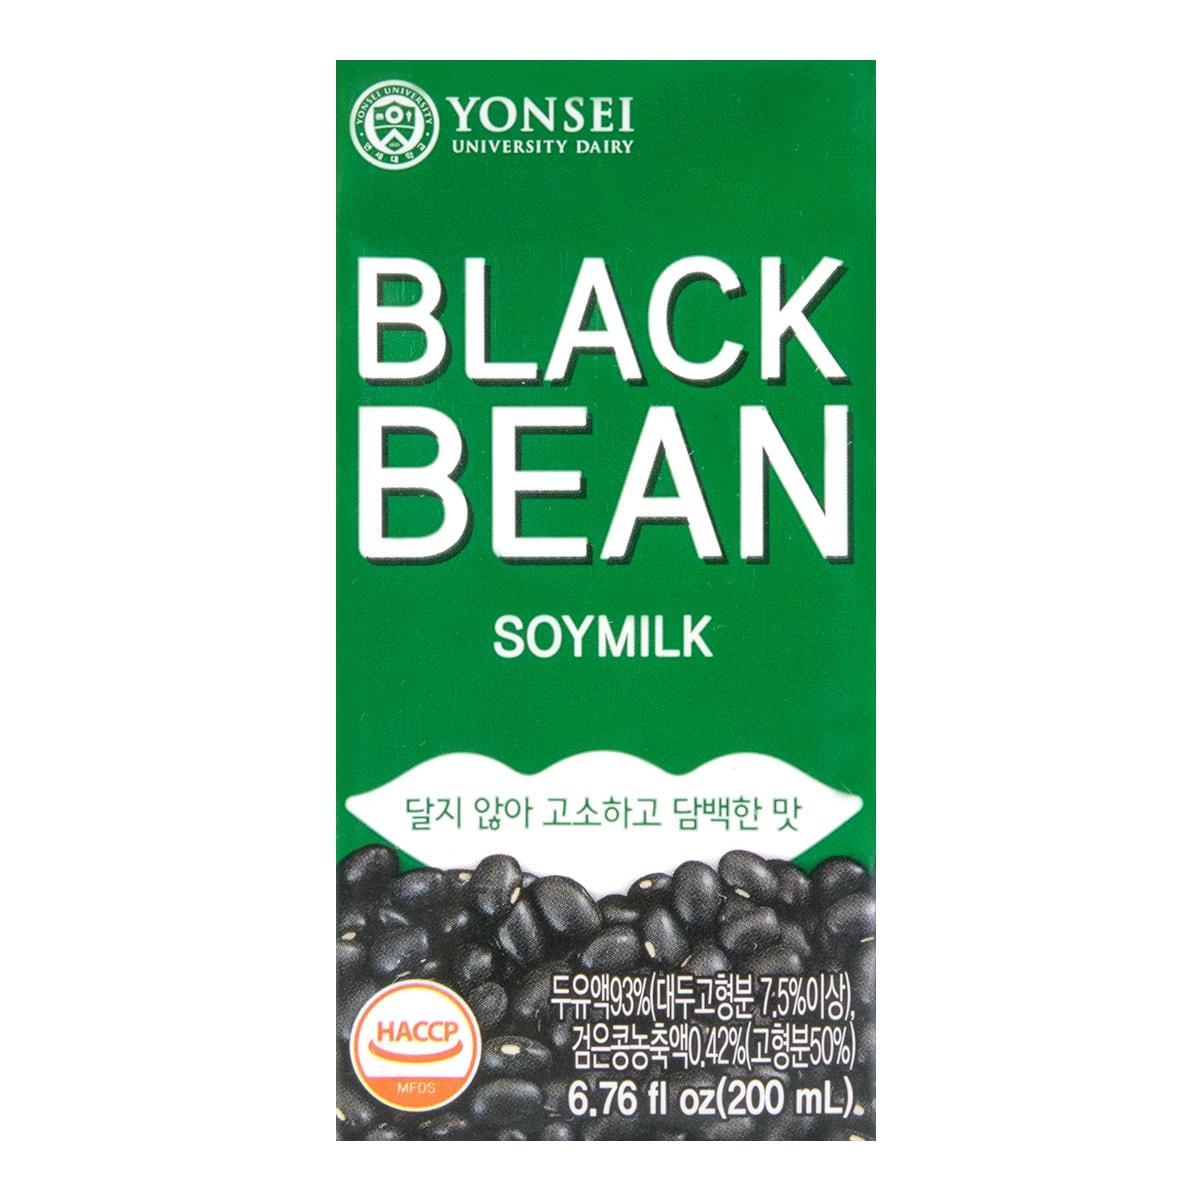 YONSEI Black Soybean Milk 200ml